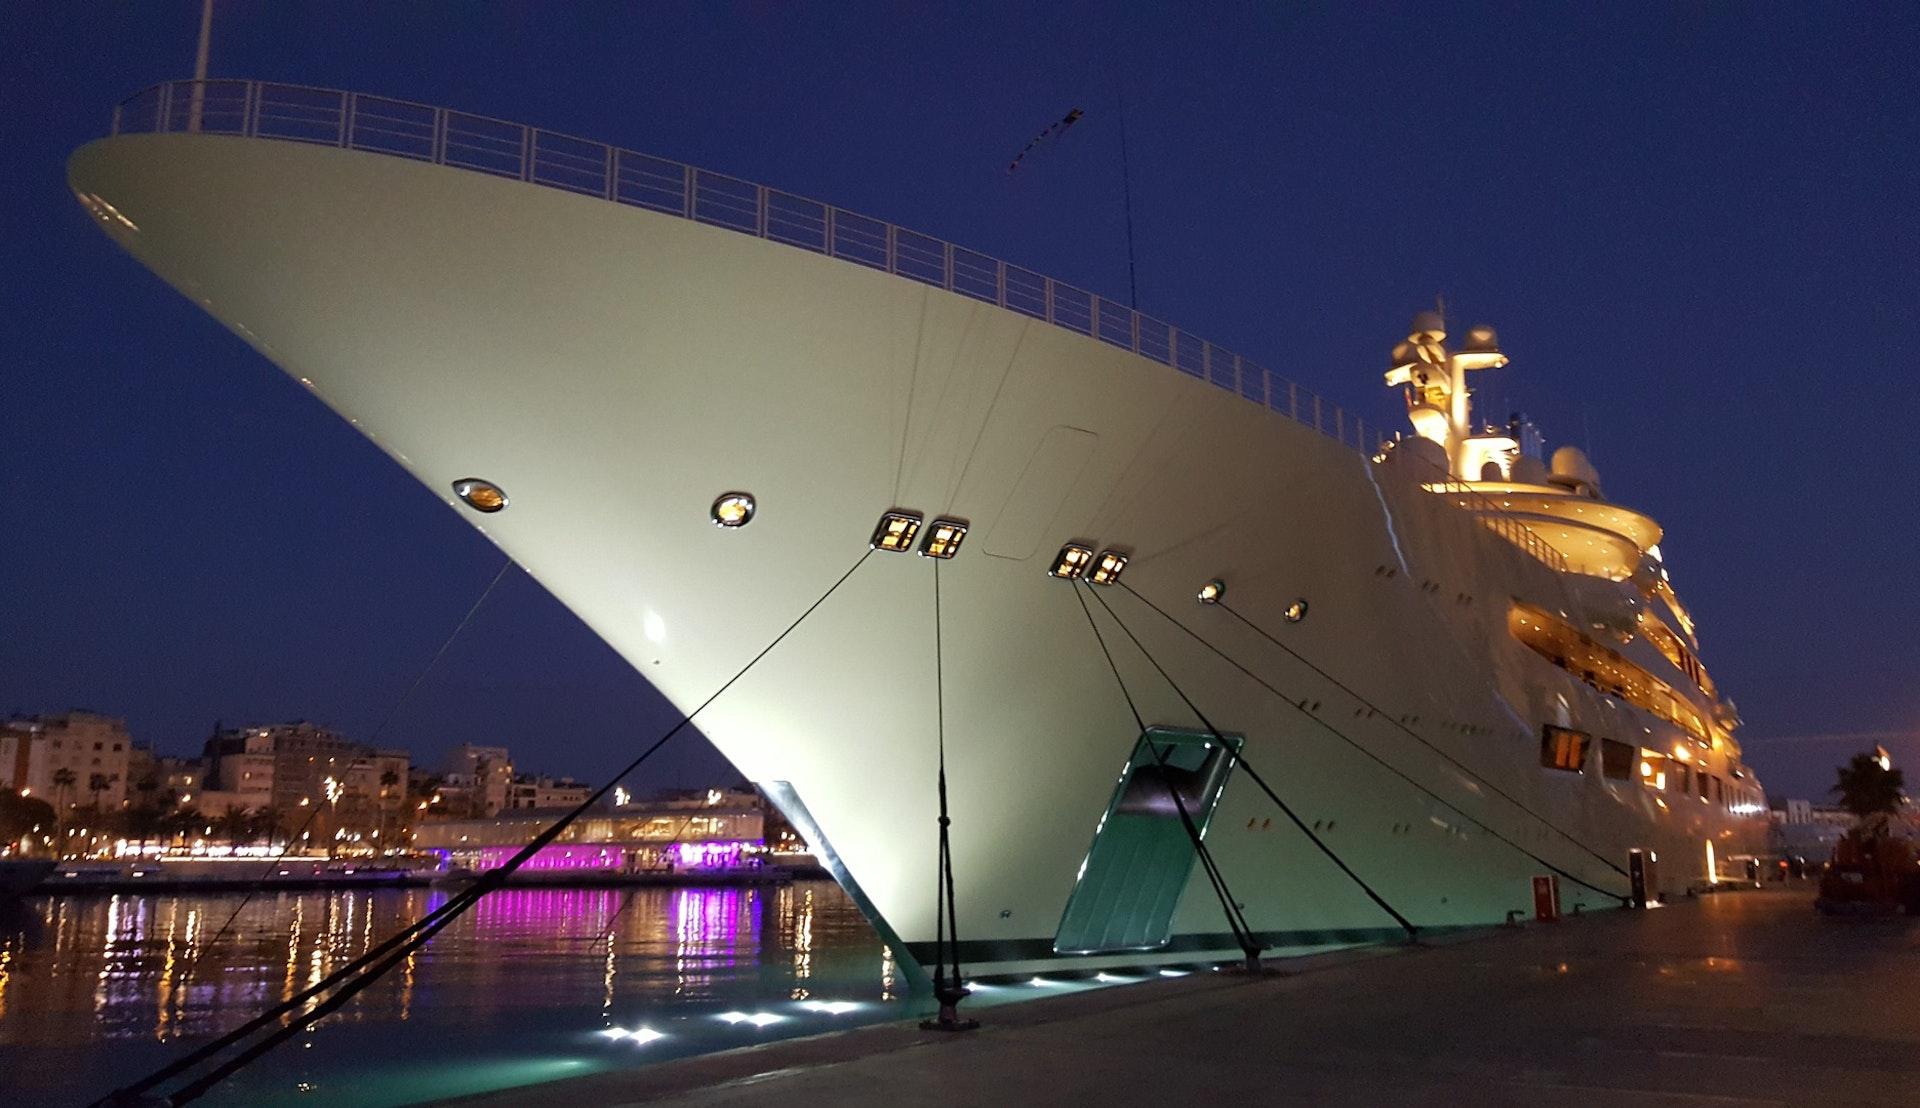 Yacht i Barcelonas havn © foxycoxy, Pixabay